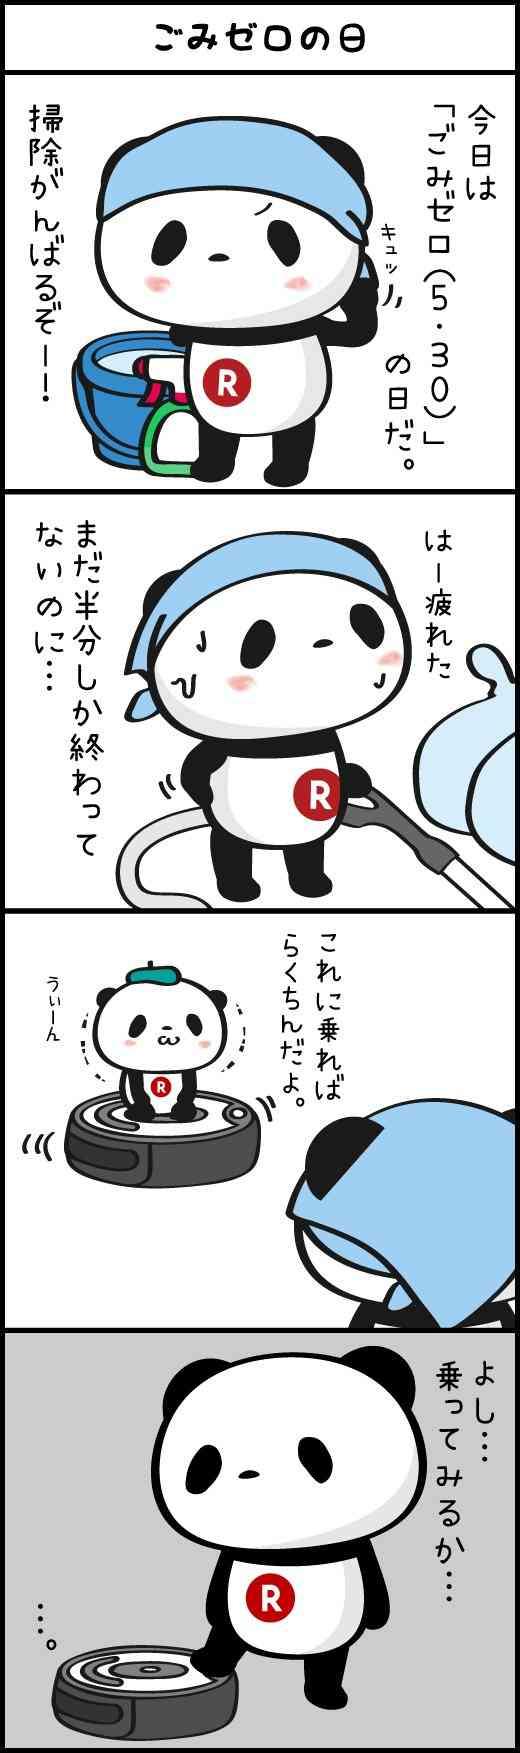 「お買いものパンダ」好きな人!